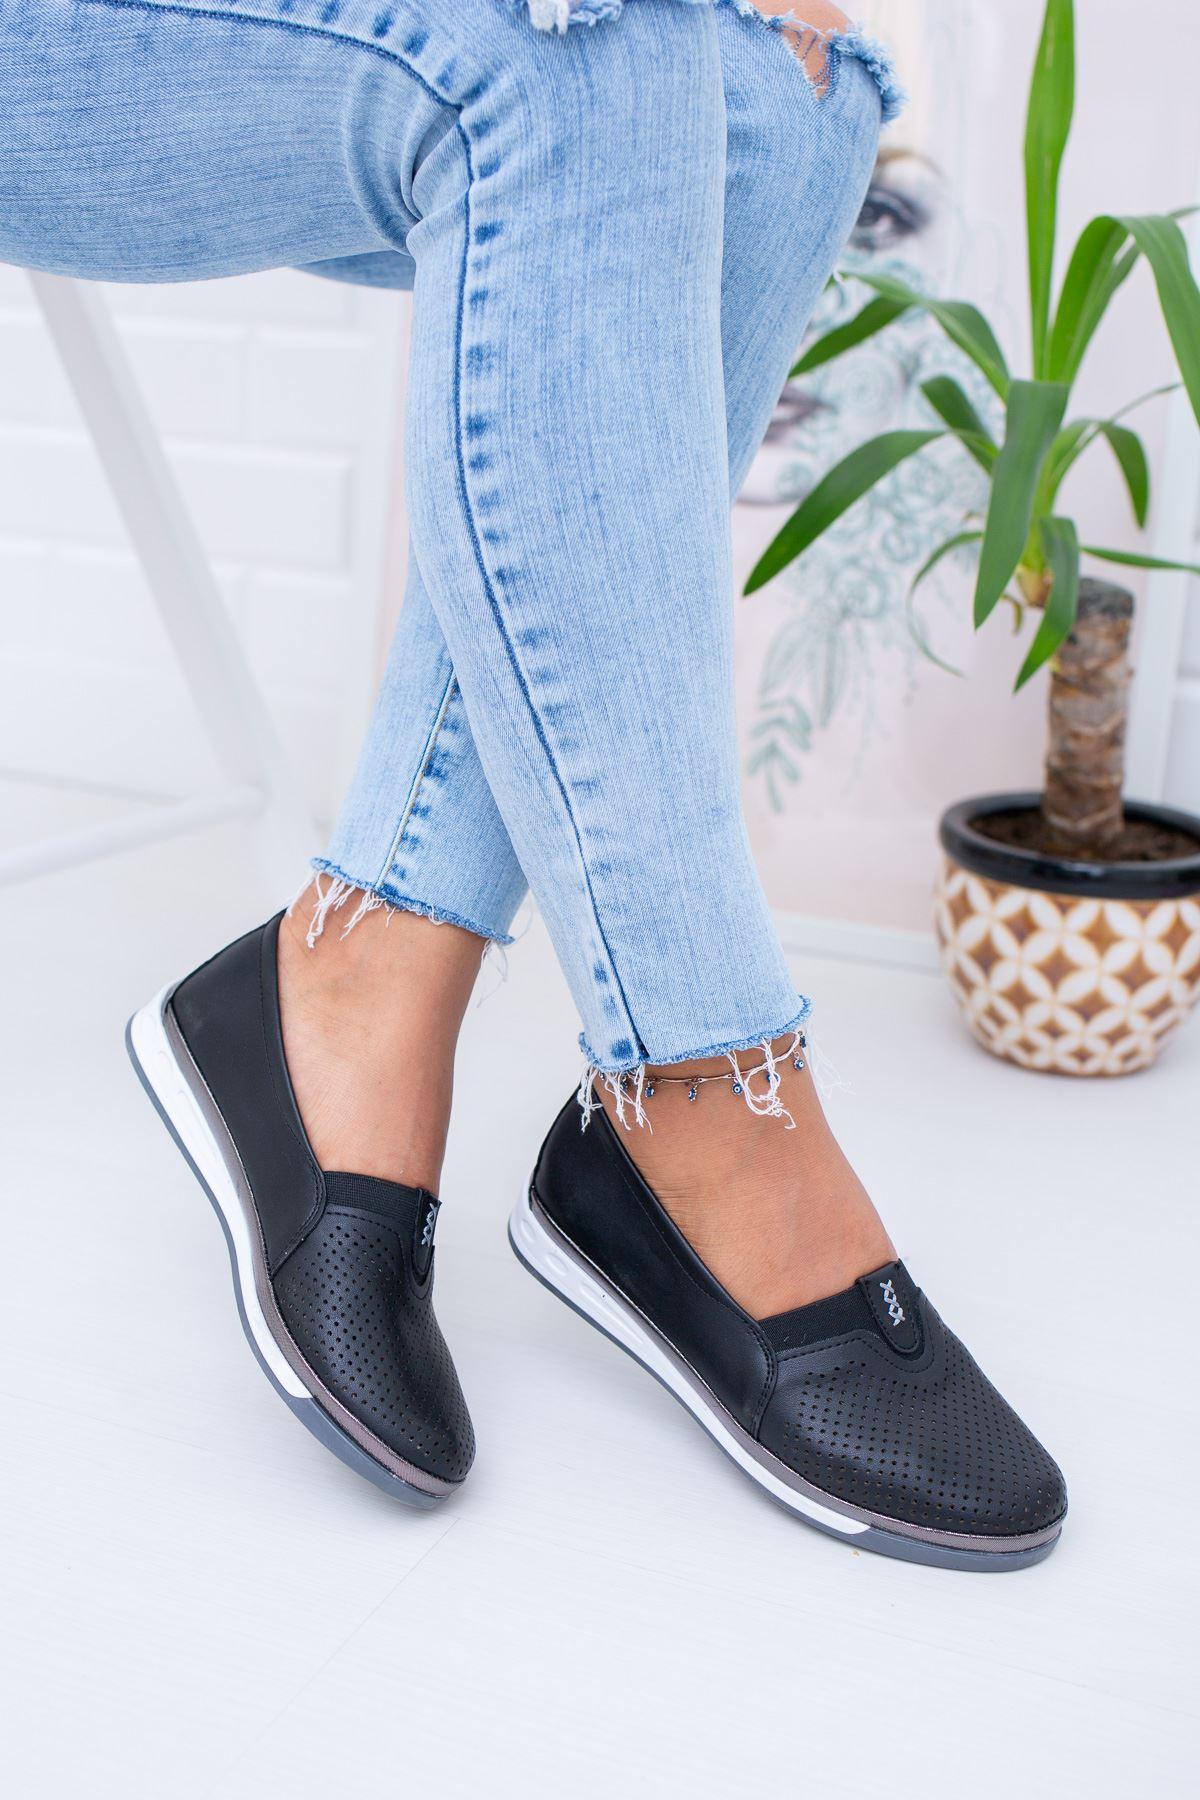 Ortopedik İçi Deri Siyah Ayakkabı